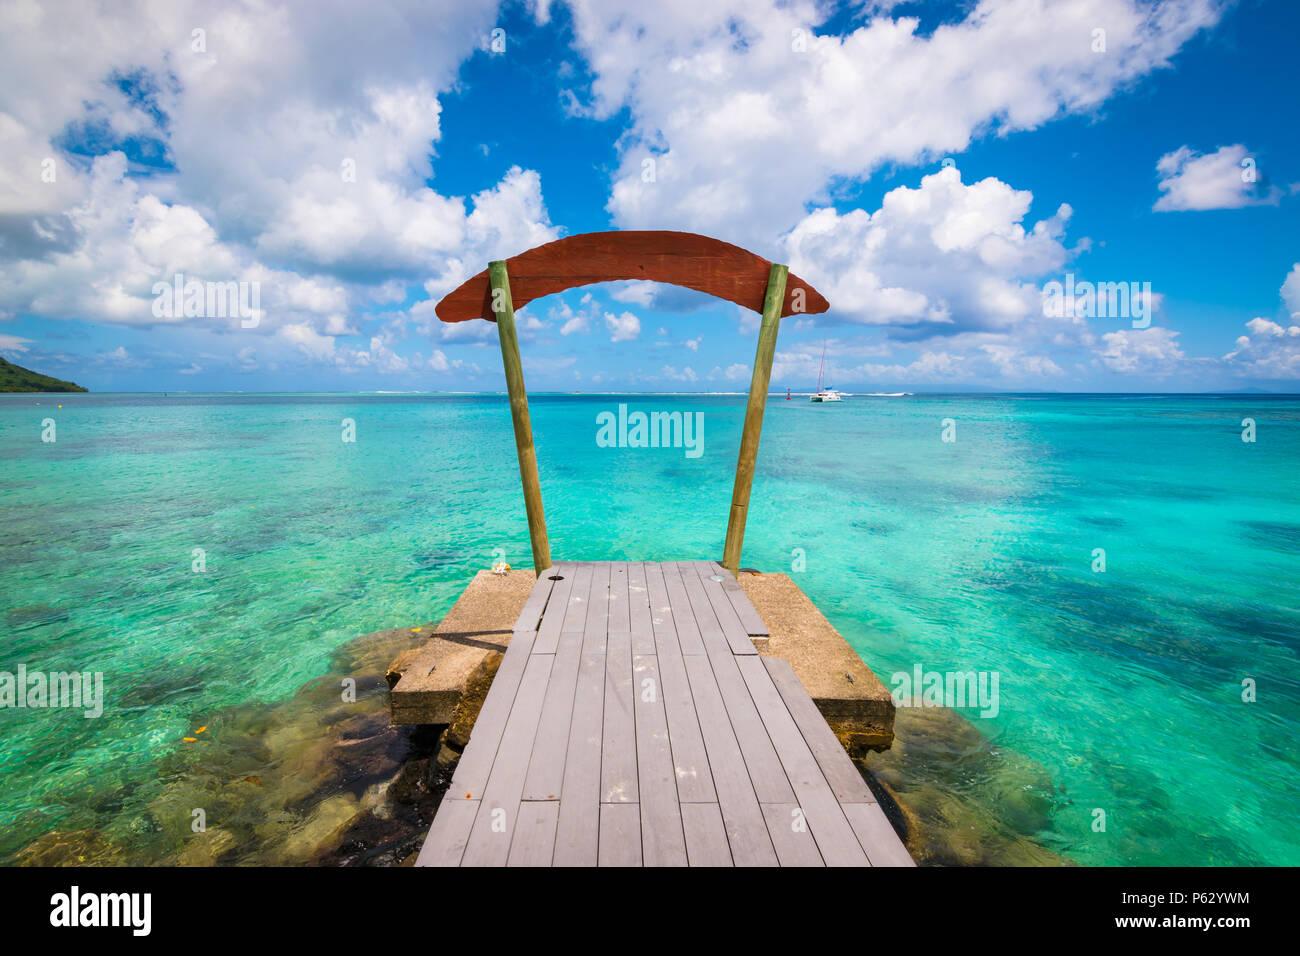 Incredibile vista sull'oceano da un pontile in legno in Huahine, Polinesia Francese Immagini Stock